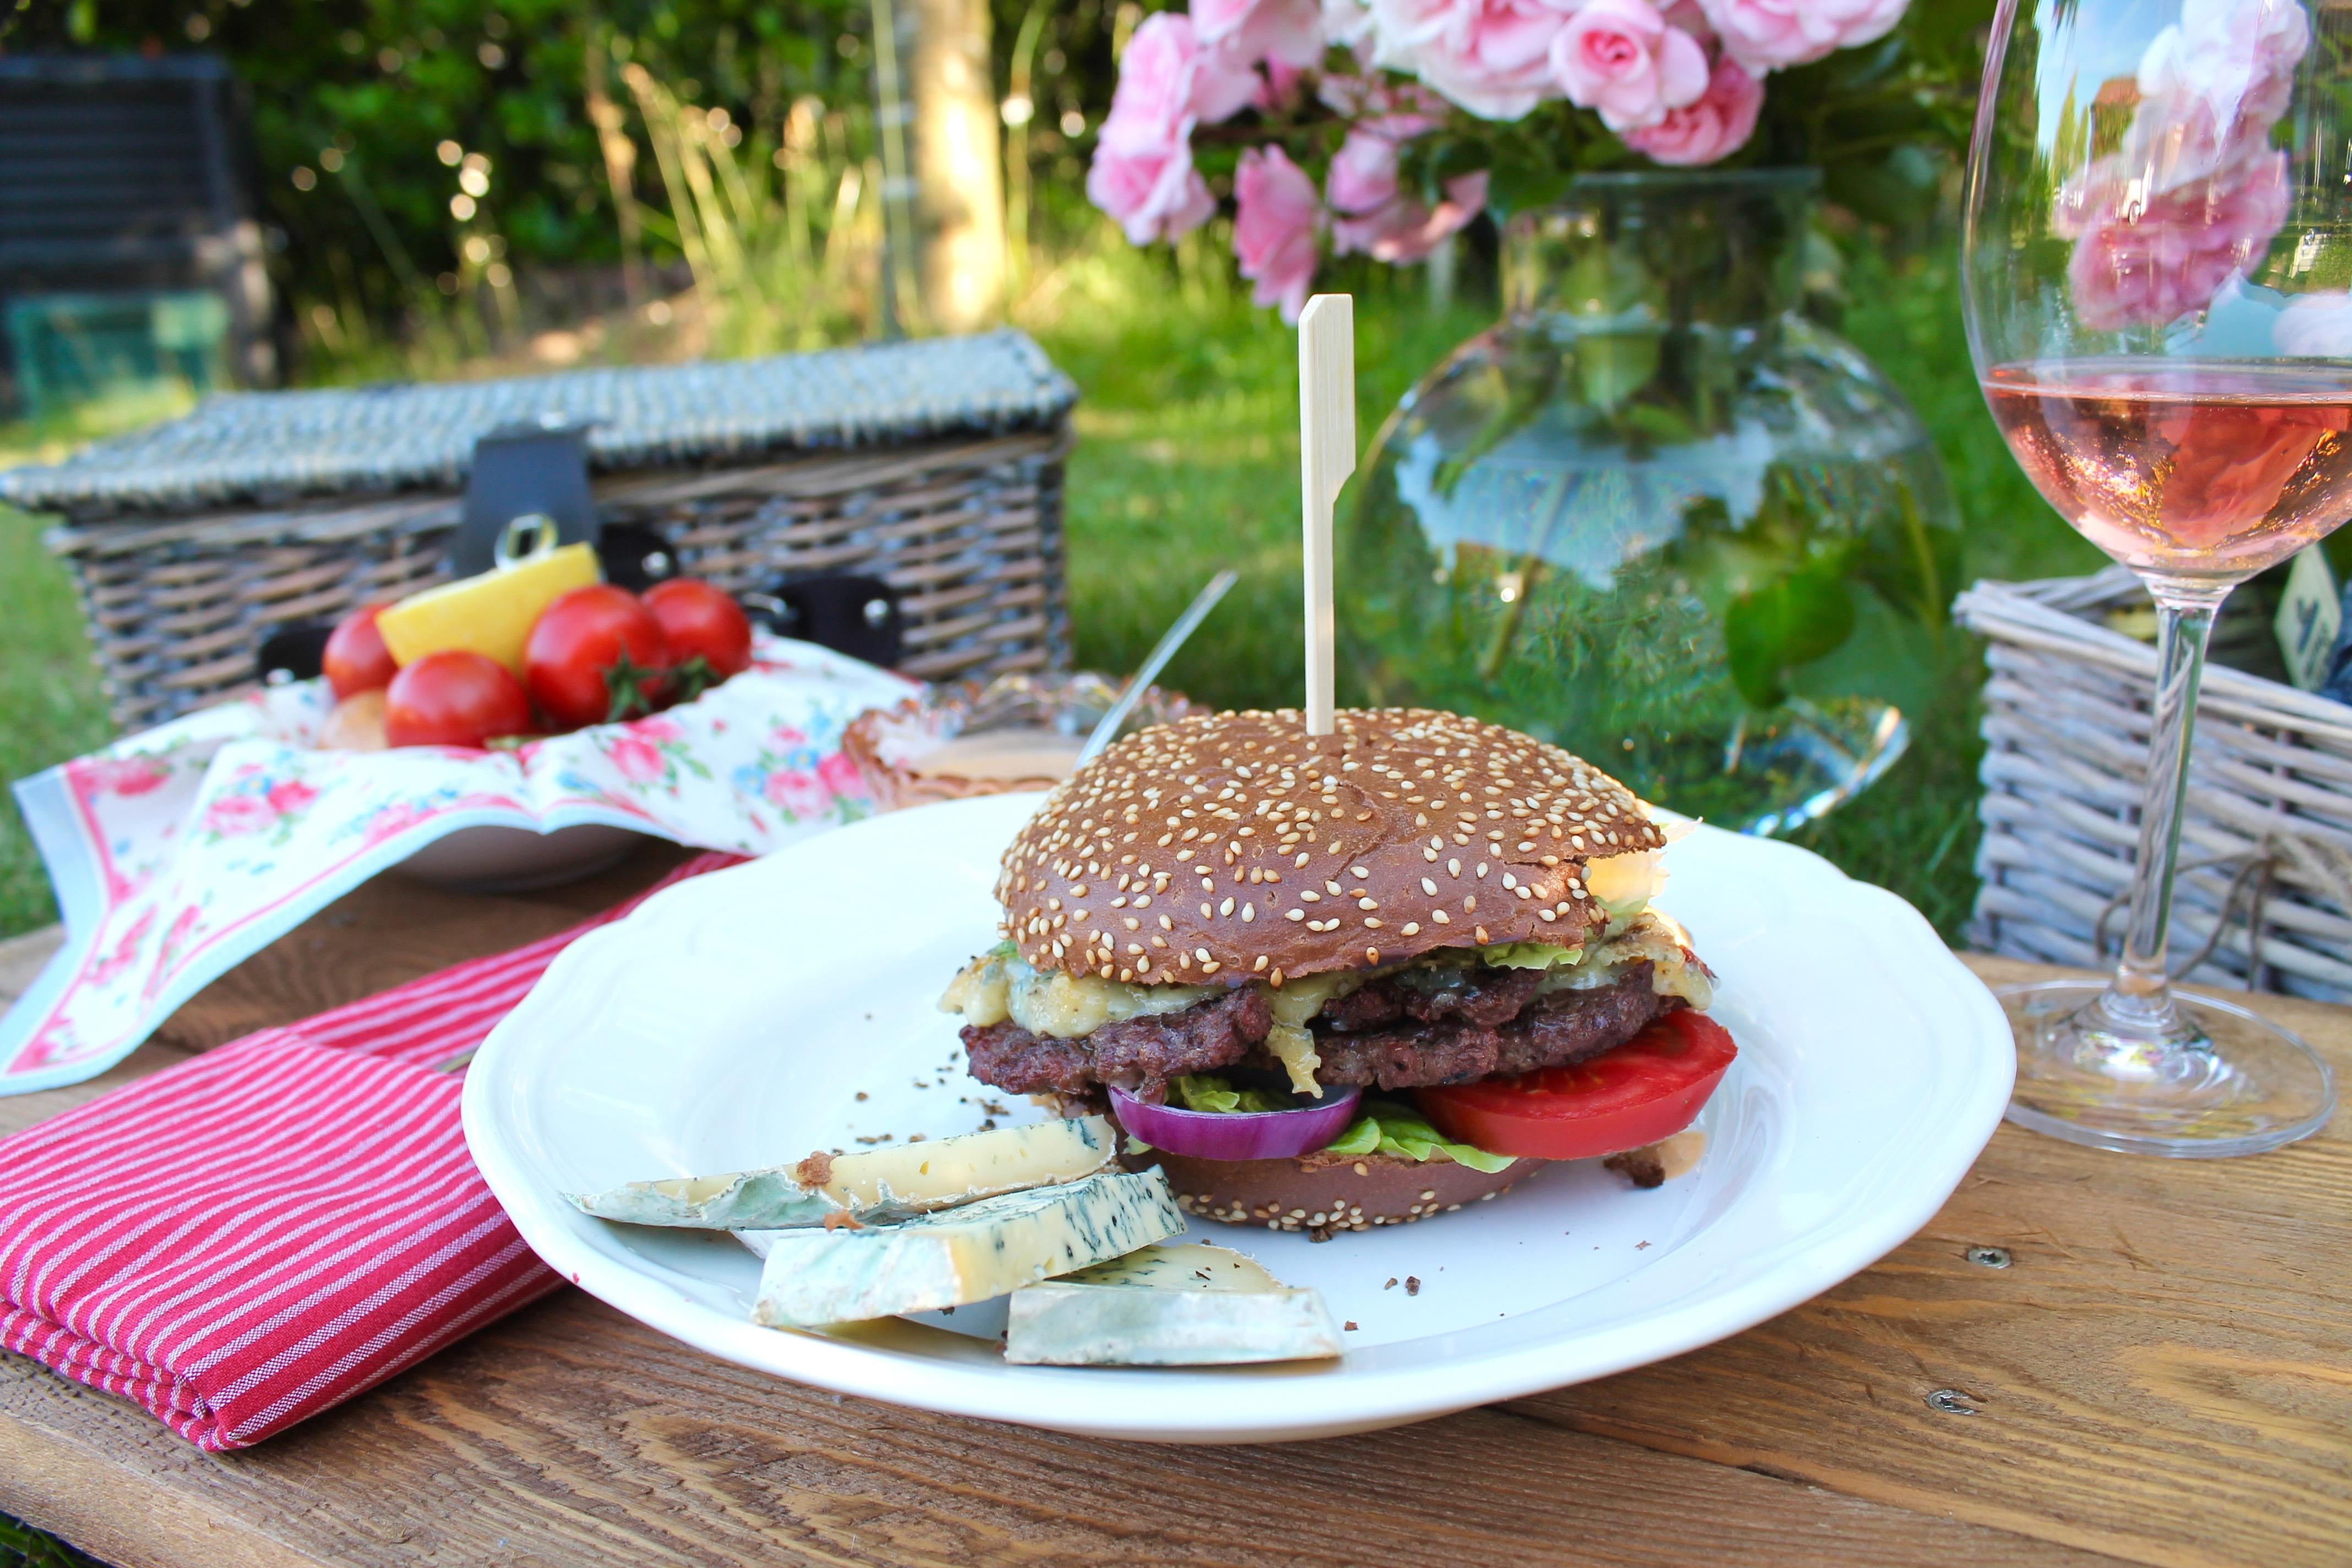 Blauschimmelkäse-Burger